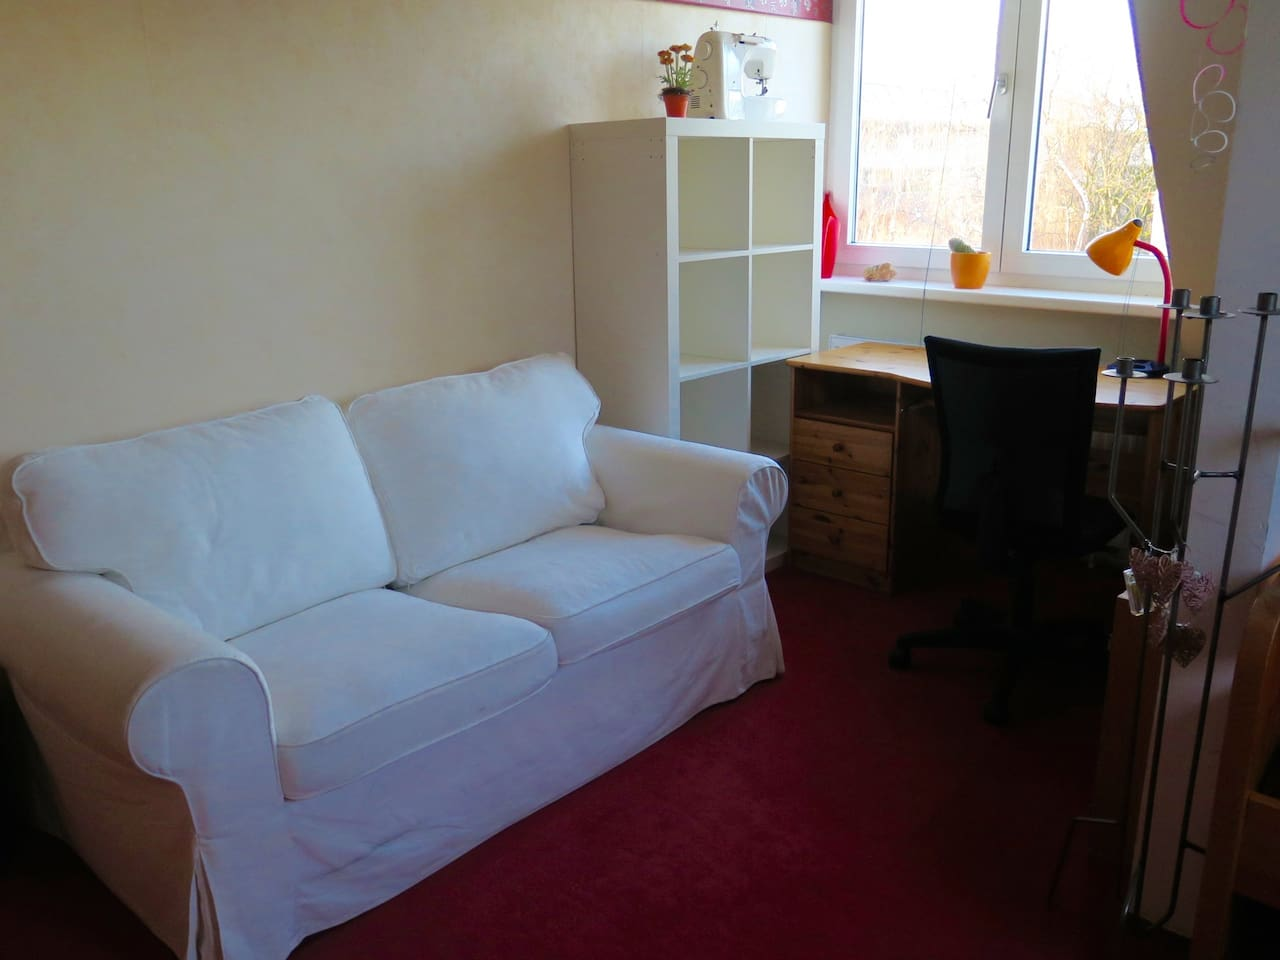 Dein gemütliches Zimmer: Sofa, Regal, Schreibtisch mit Aussicht!